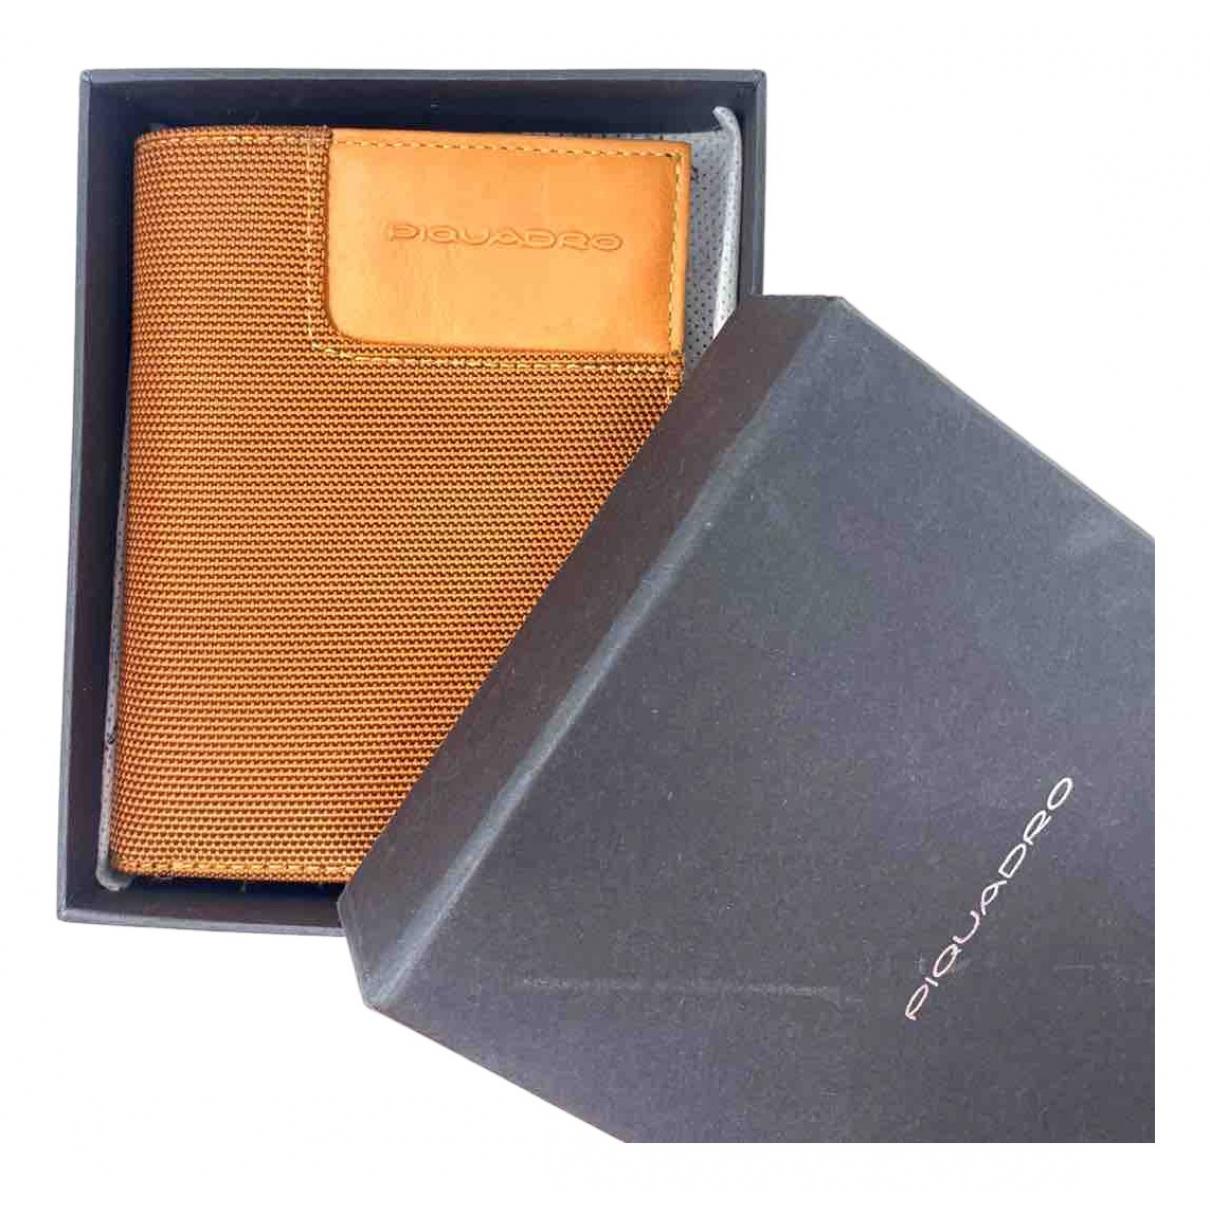 Piquadro - Portefeuille   pour femme en cuir - orange